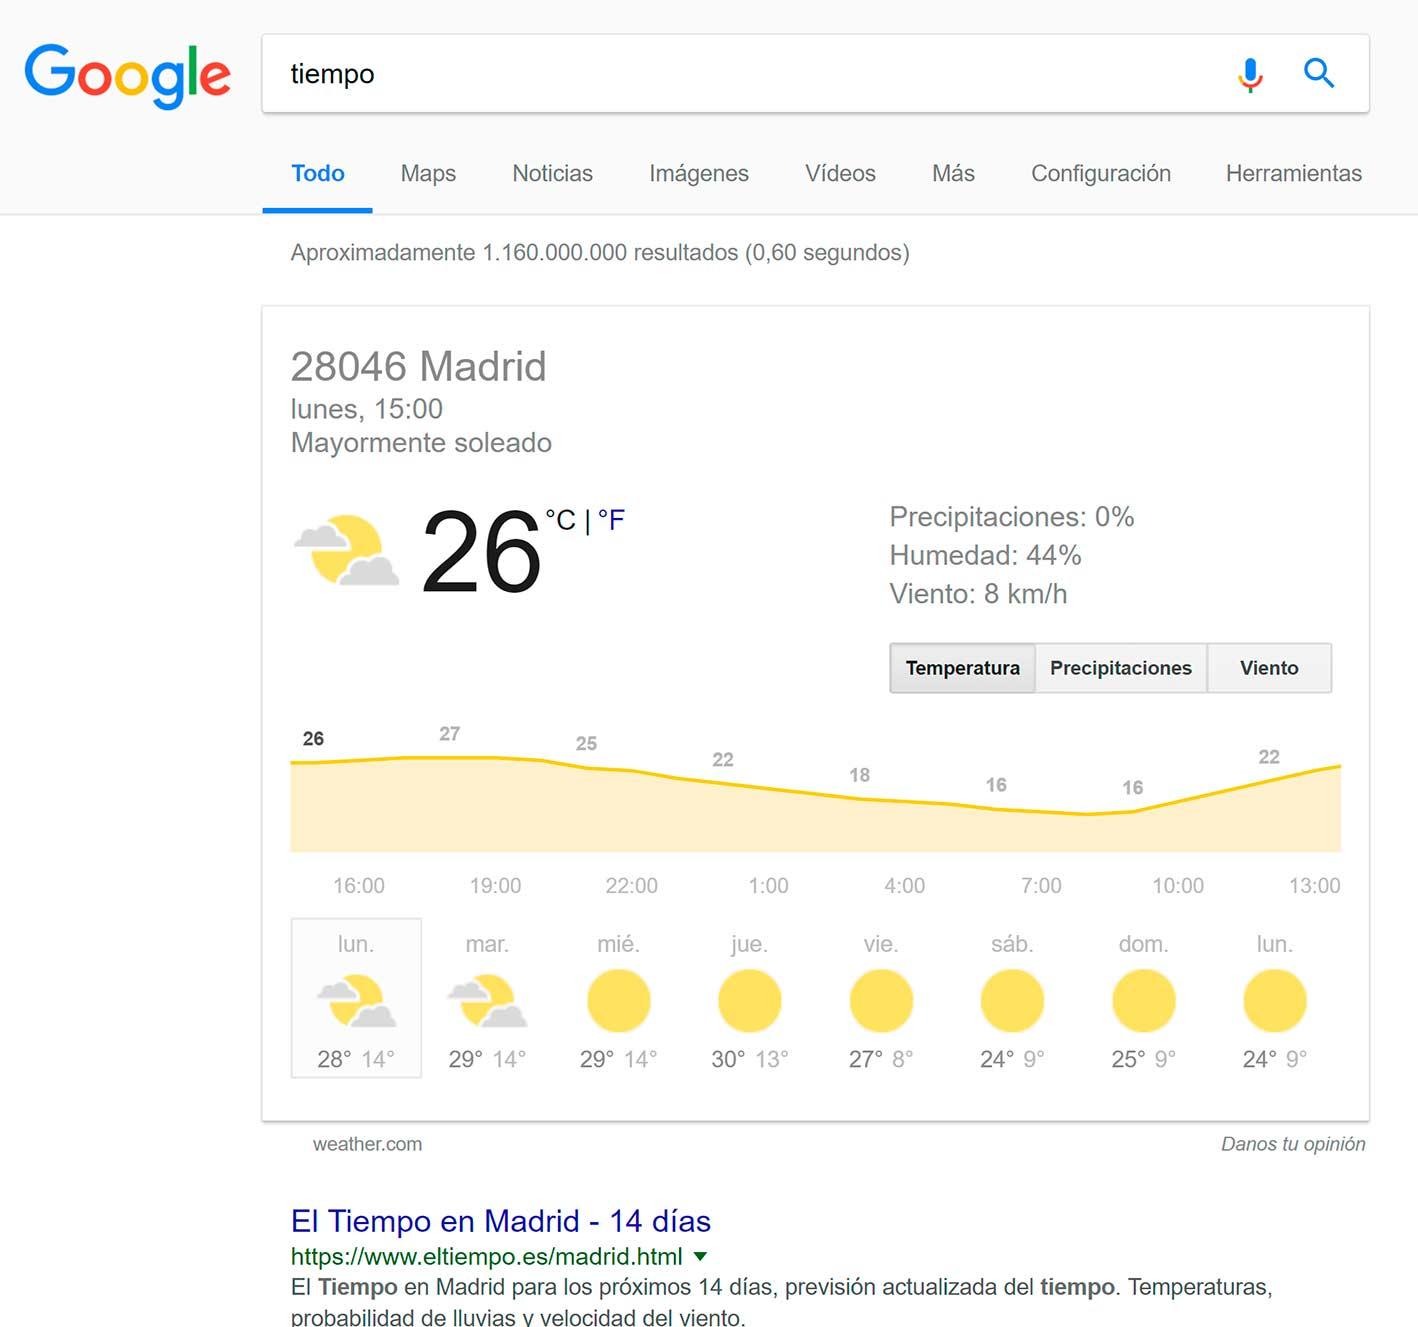 resultados de google personalizados en base al tiempo